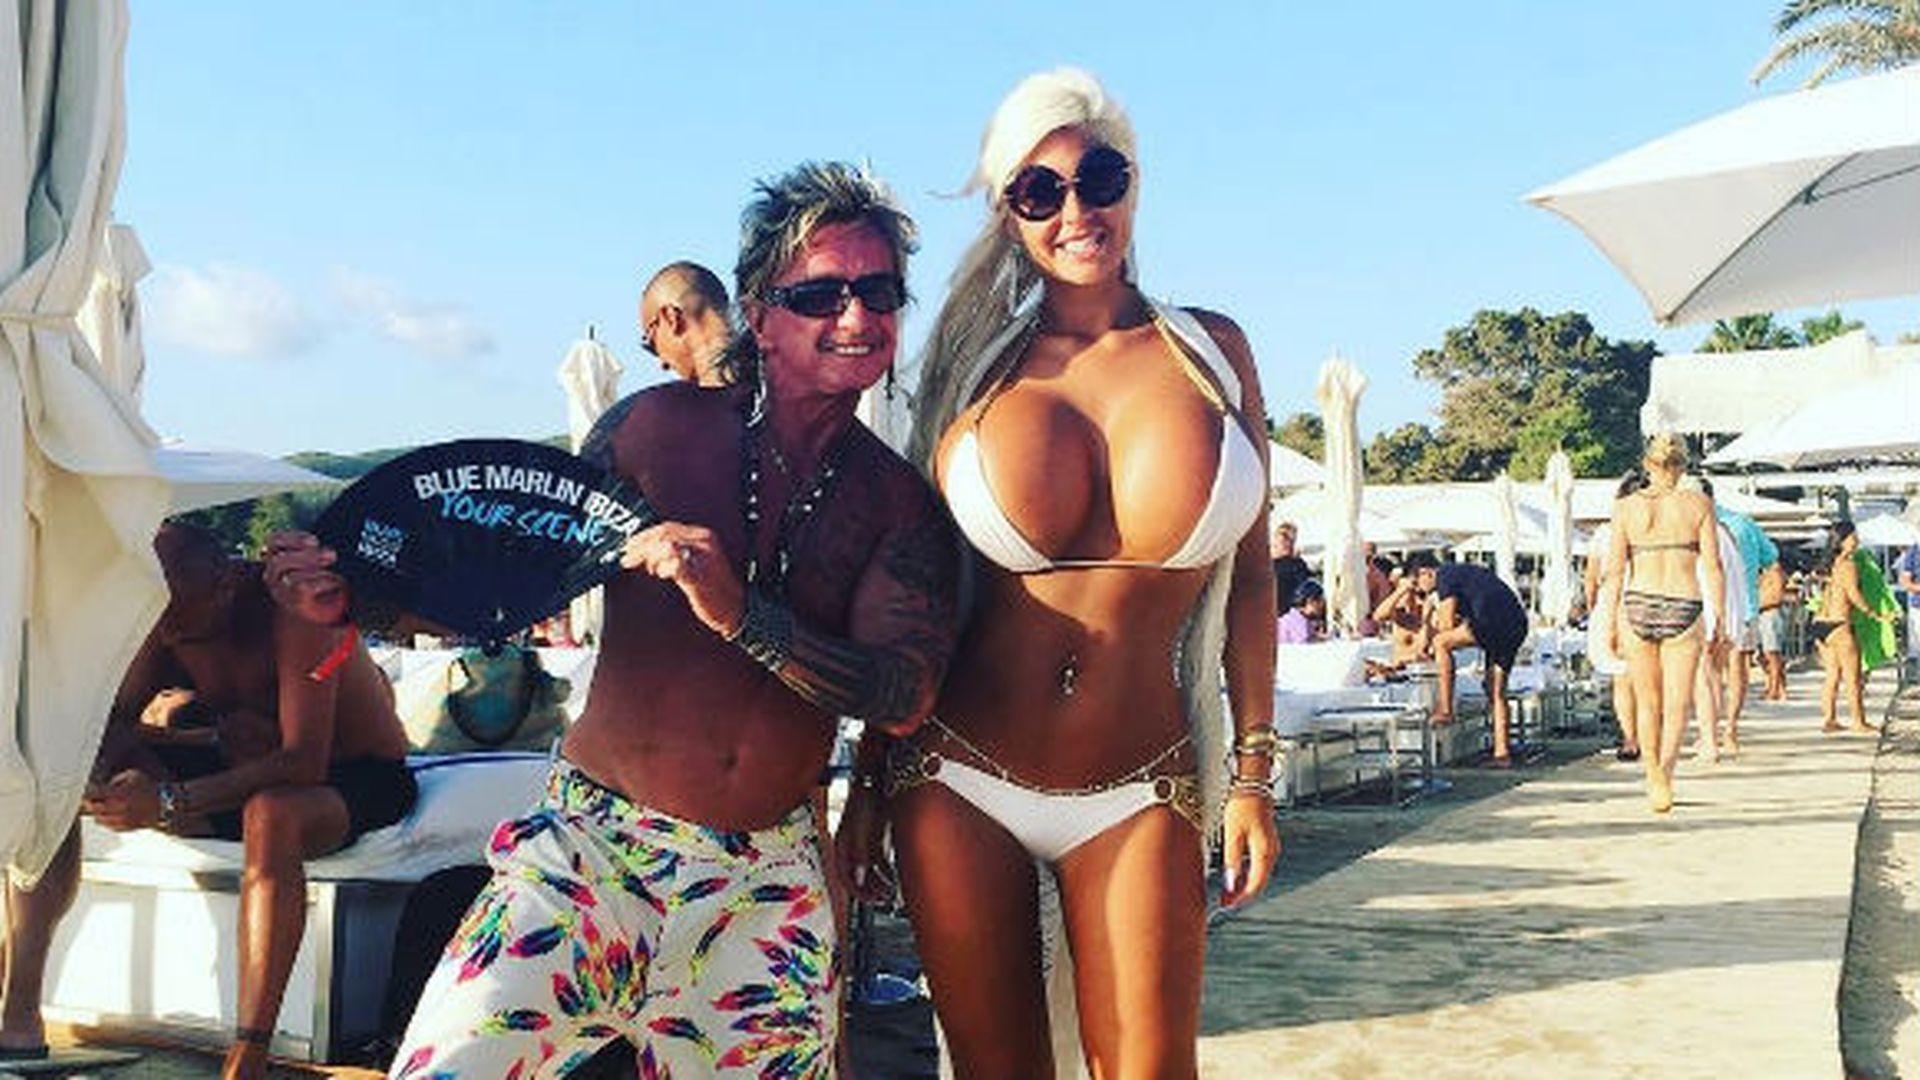 Bikini Sophia Wollersheim nudes (19 photo), Boobs